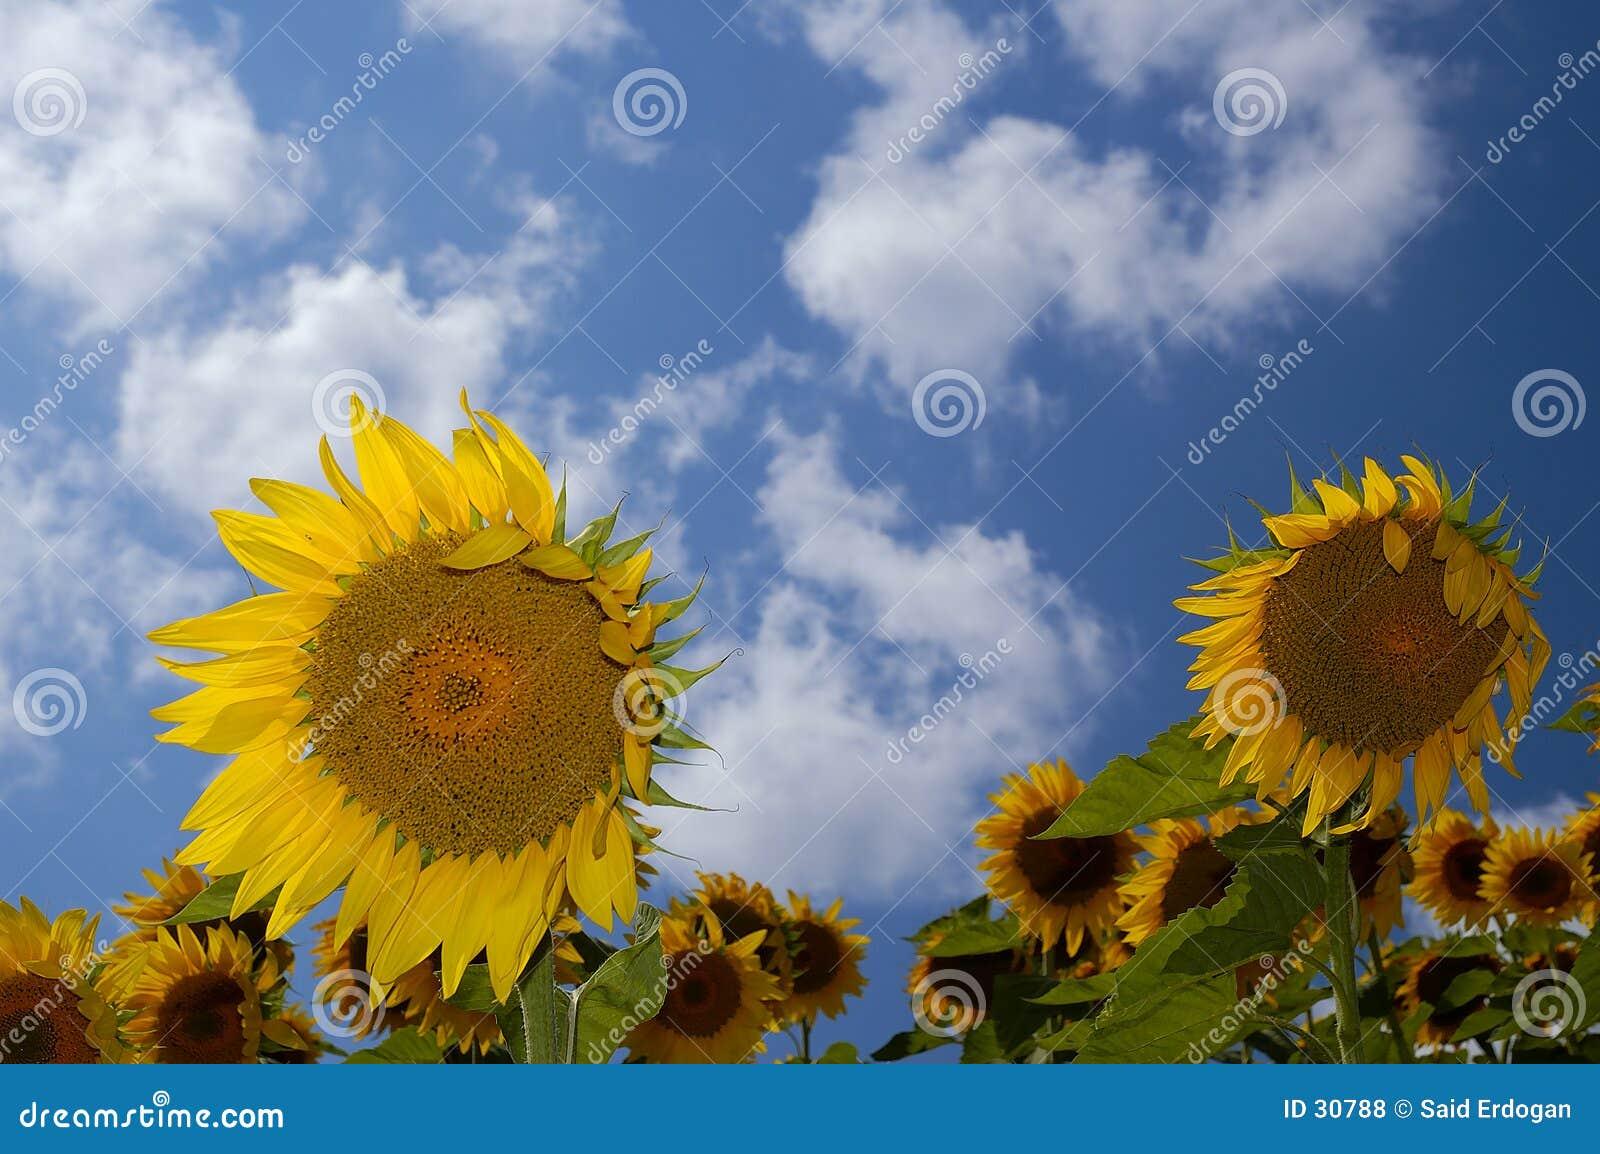 Farmy iii słonecznik